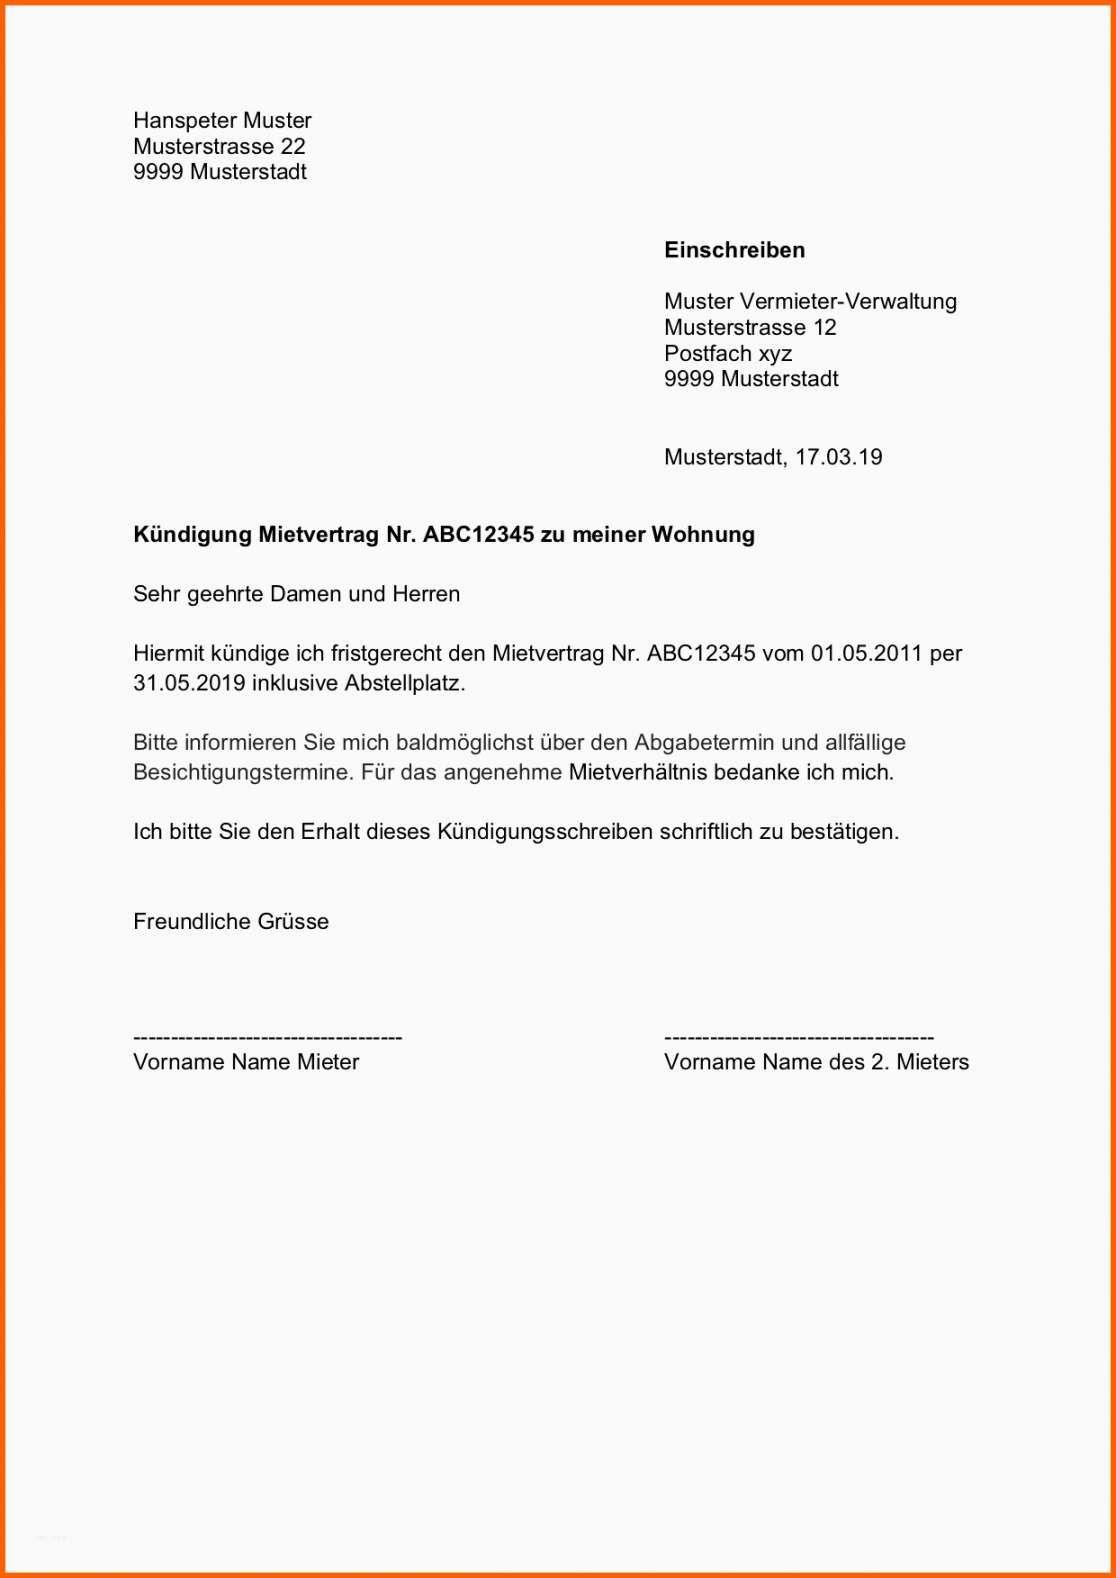 Naturlich Wohnung Kundigungsschreiben Vorlage Kundigung Schreiben Wohnungskundigung Vorlage Kundigung Wohnung